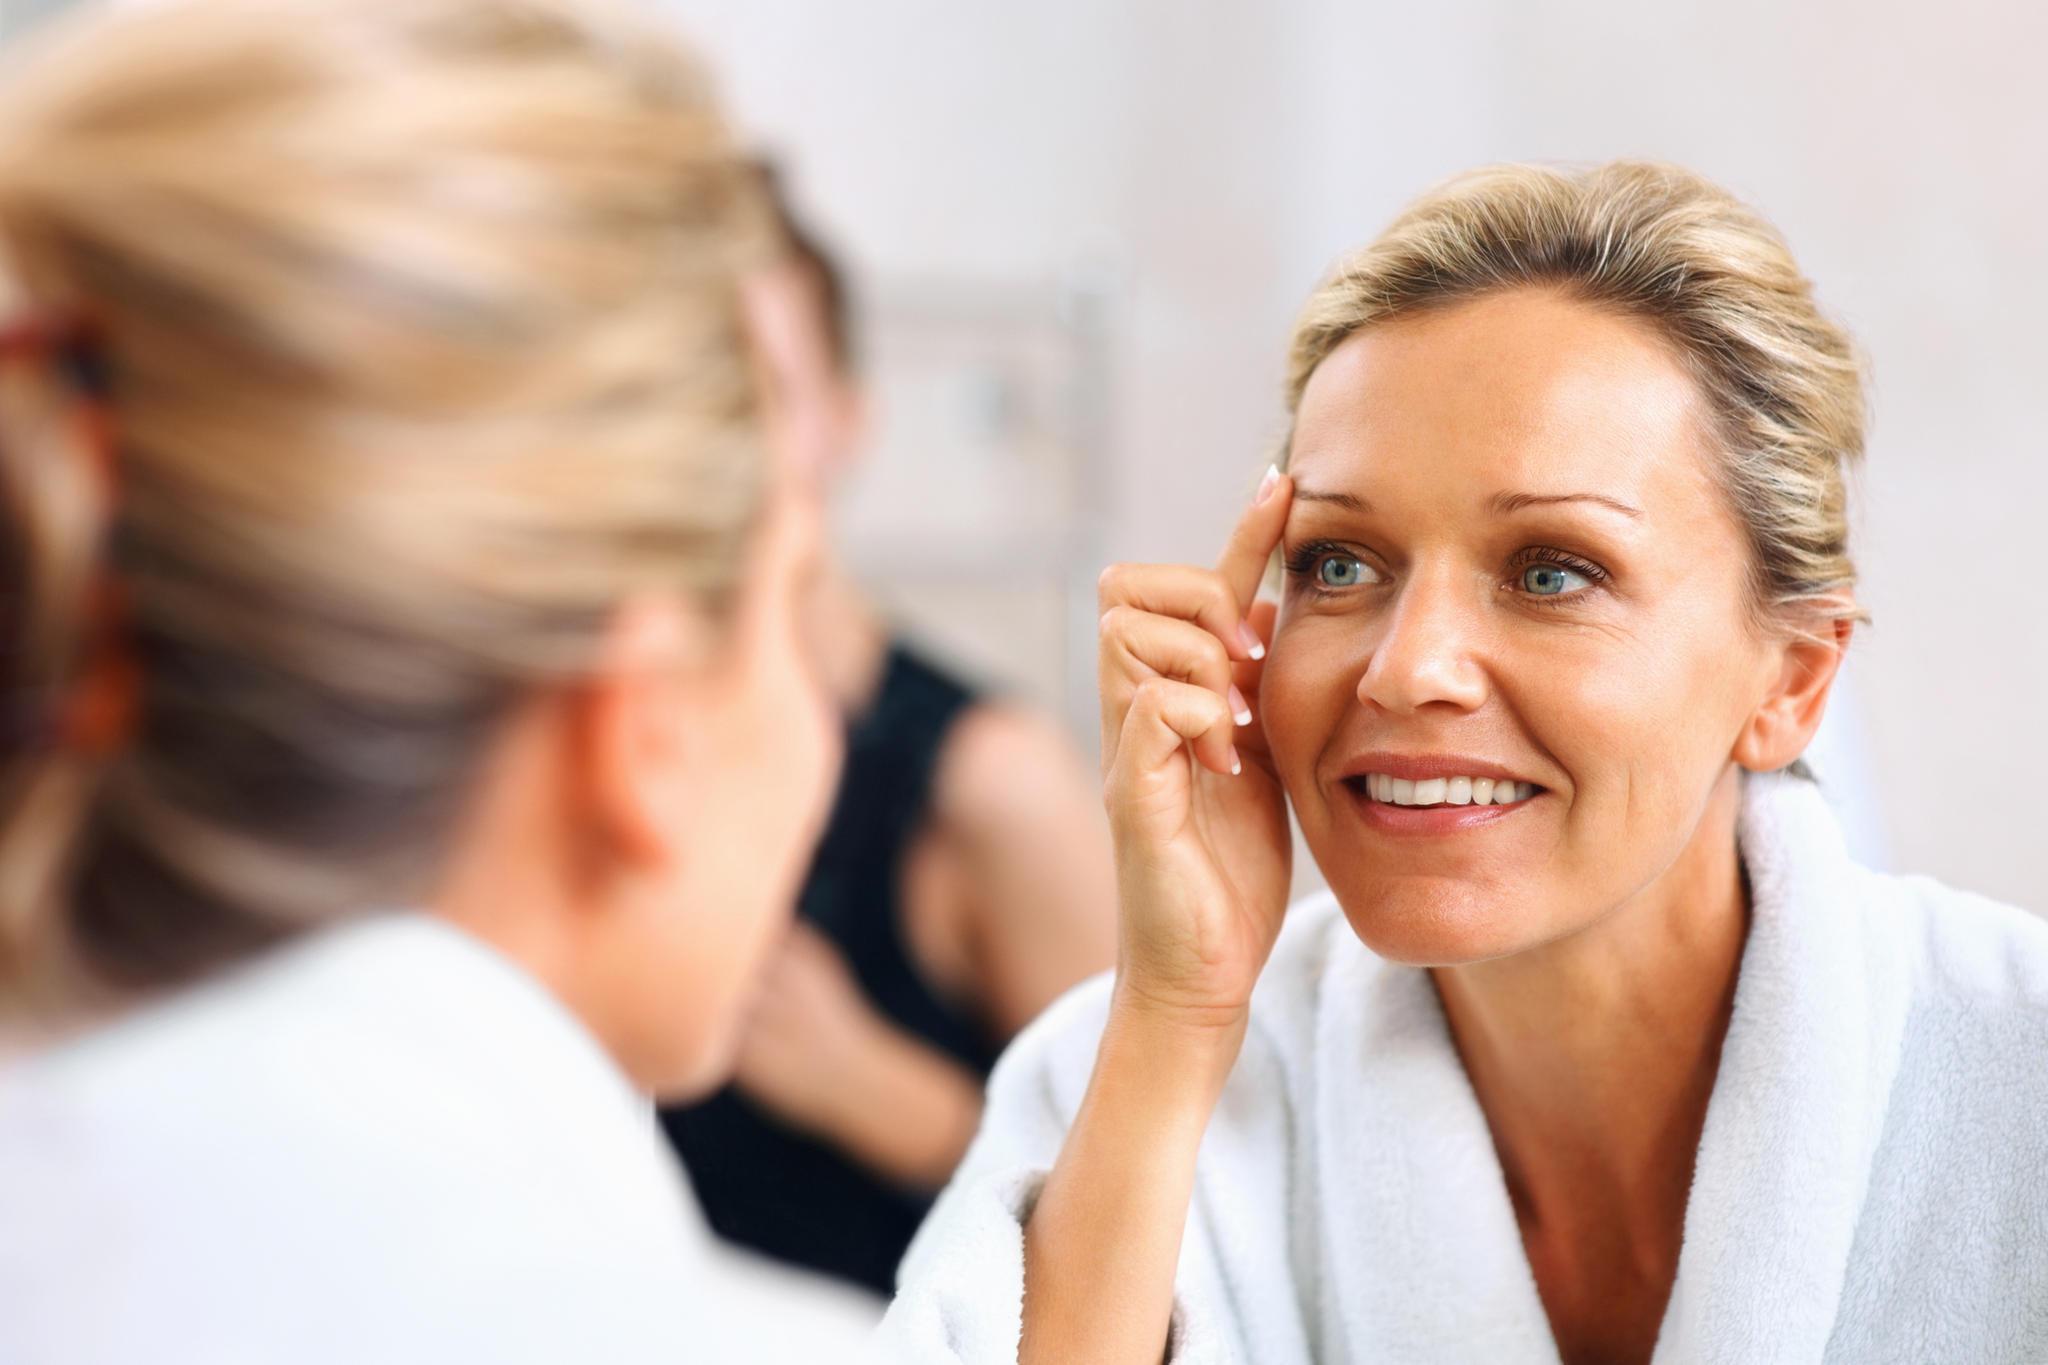 Frau mit strahlender Haut schaut in den Spiegel. Sie trägt einen Bademantel